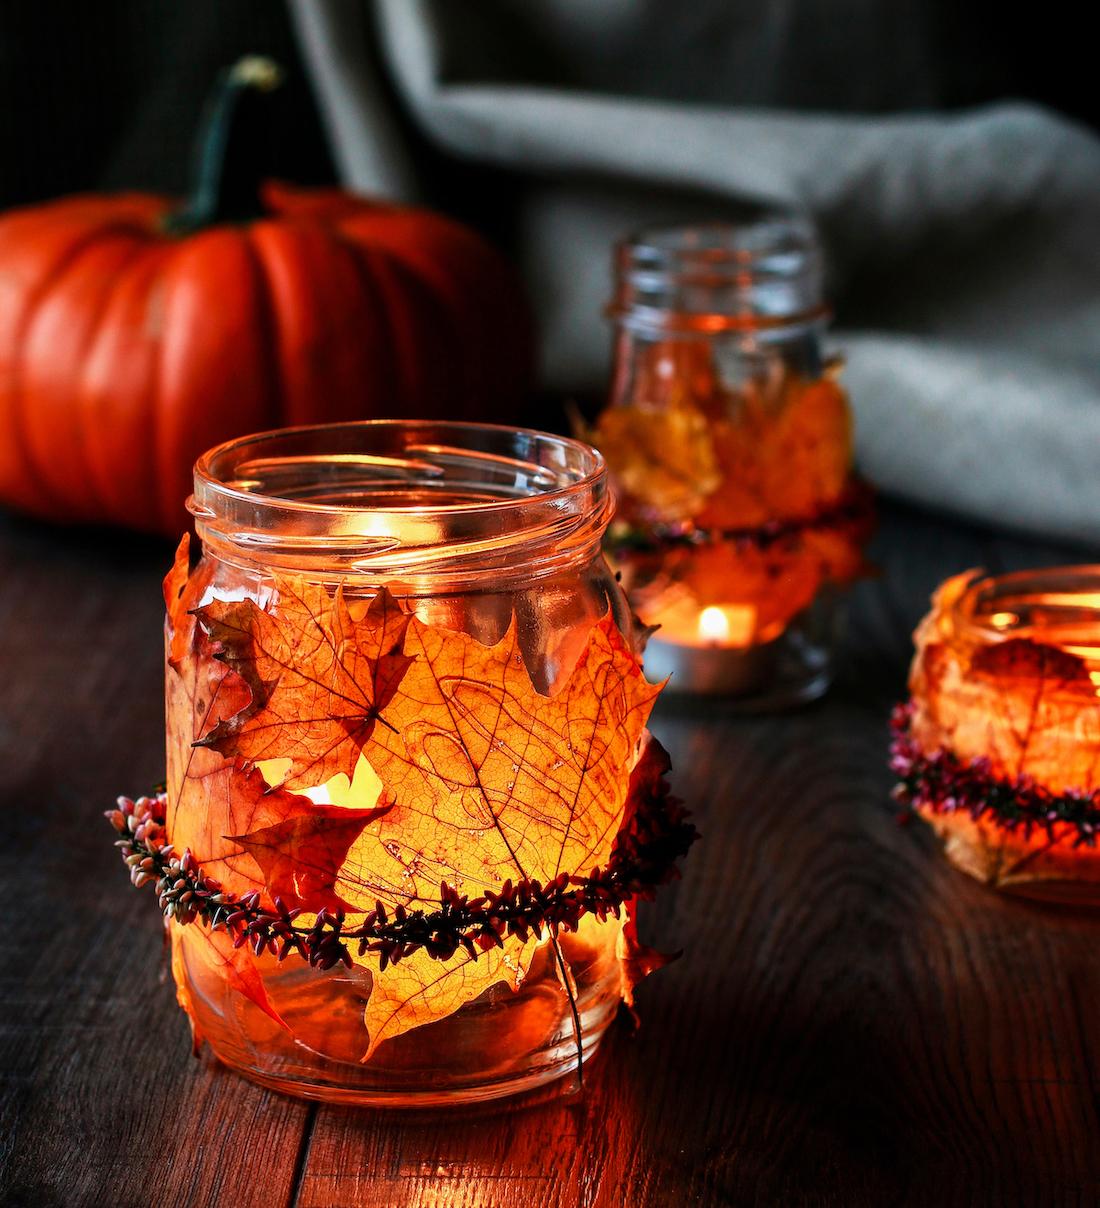 Lanternes feuilles d'automne ©Agnes Kantaruk. shutterstock